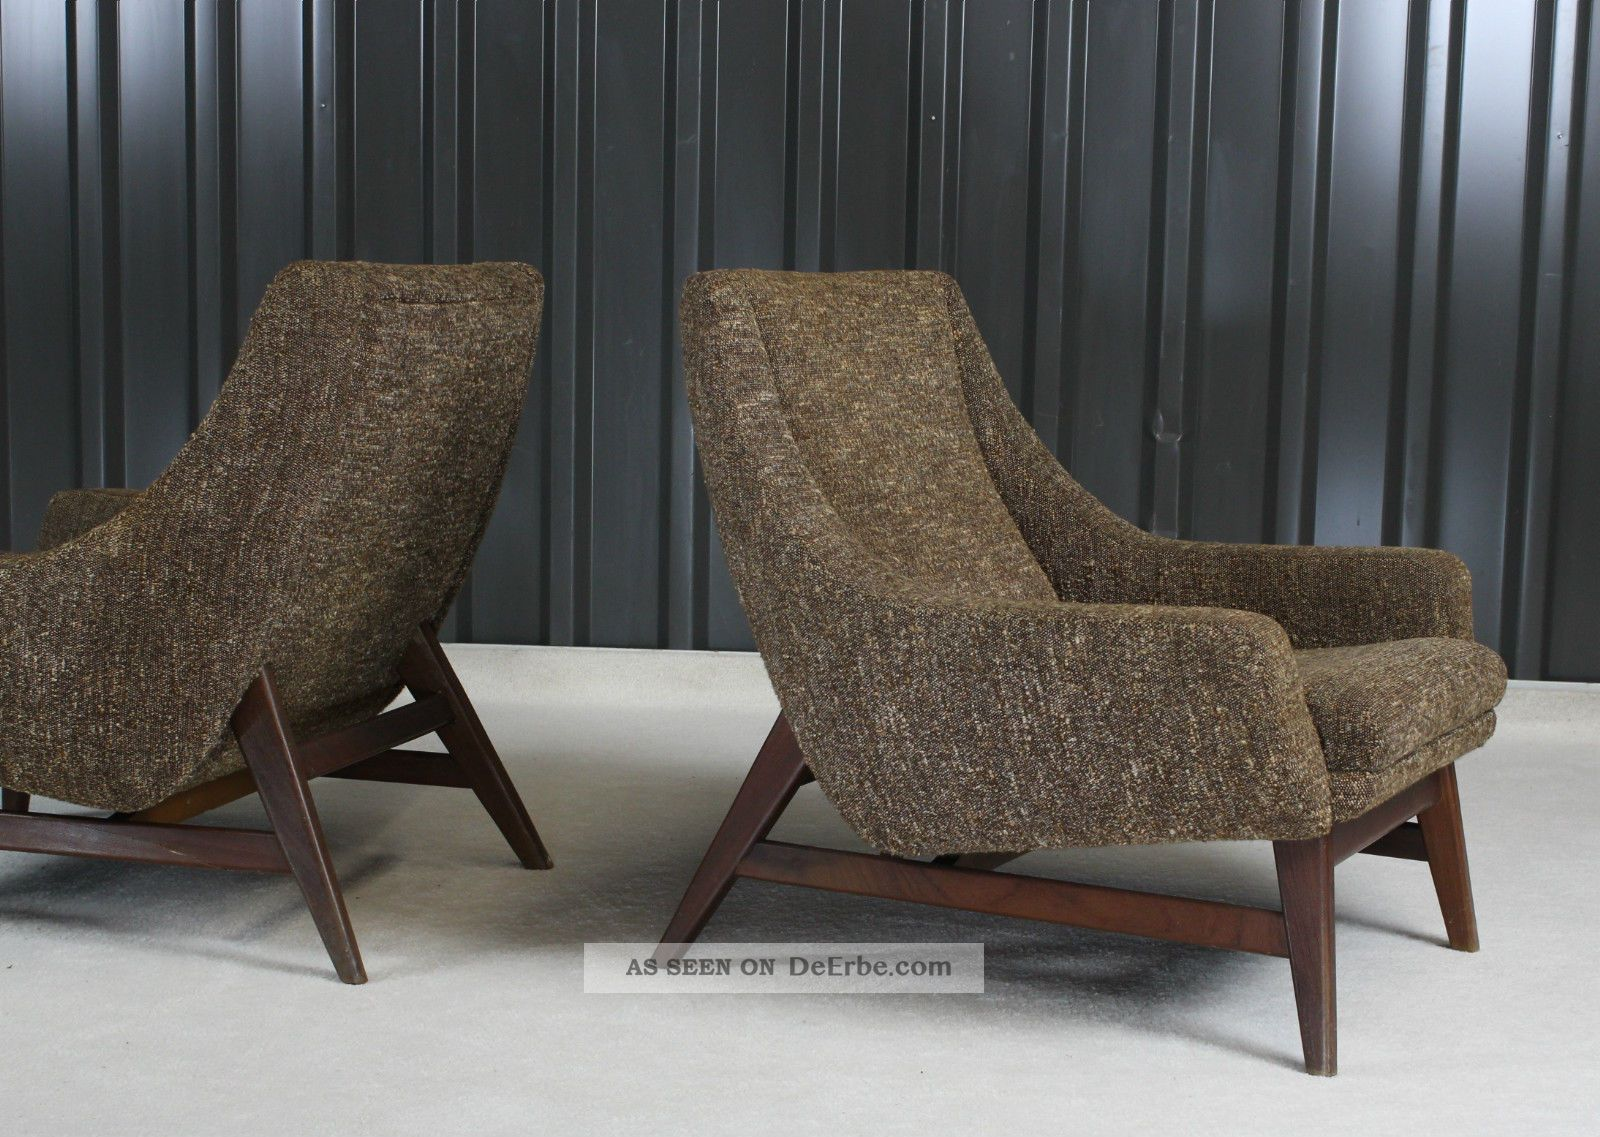 4 x mid century modern tripod chair rockabilly dreibein st hle 50er jahre. Black Bedroom Furniture Sets. Home Design Ideas